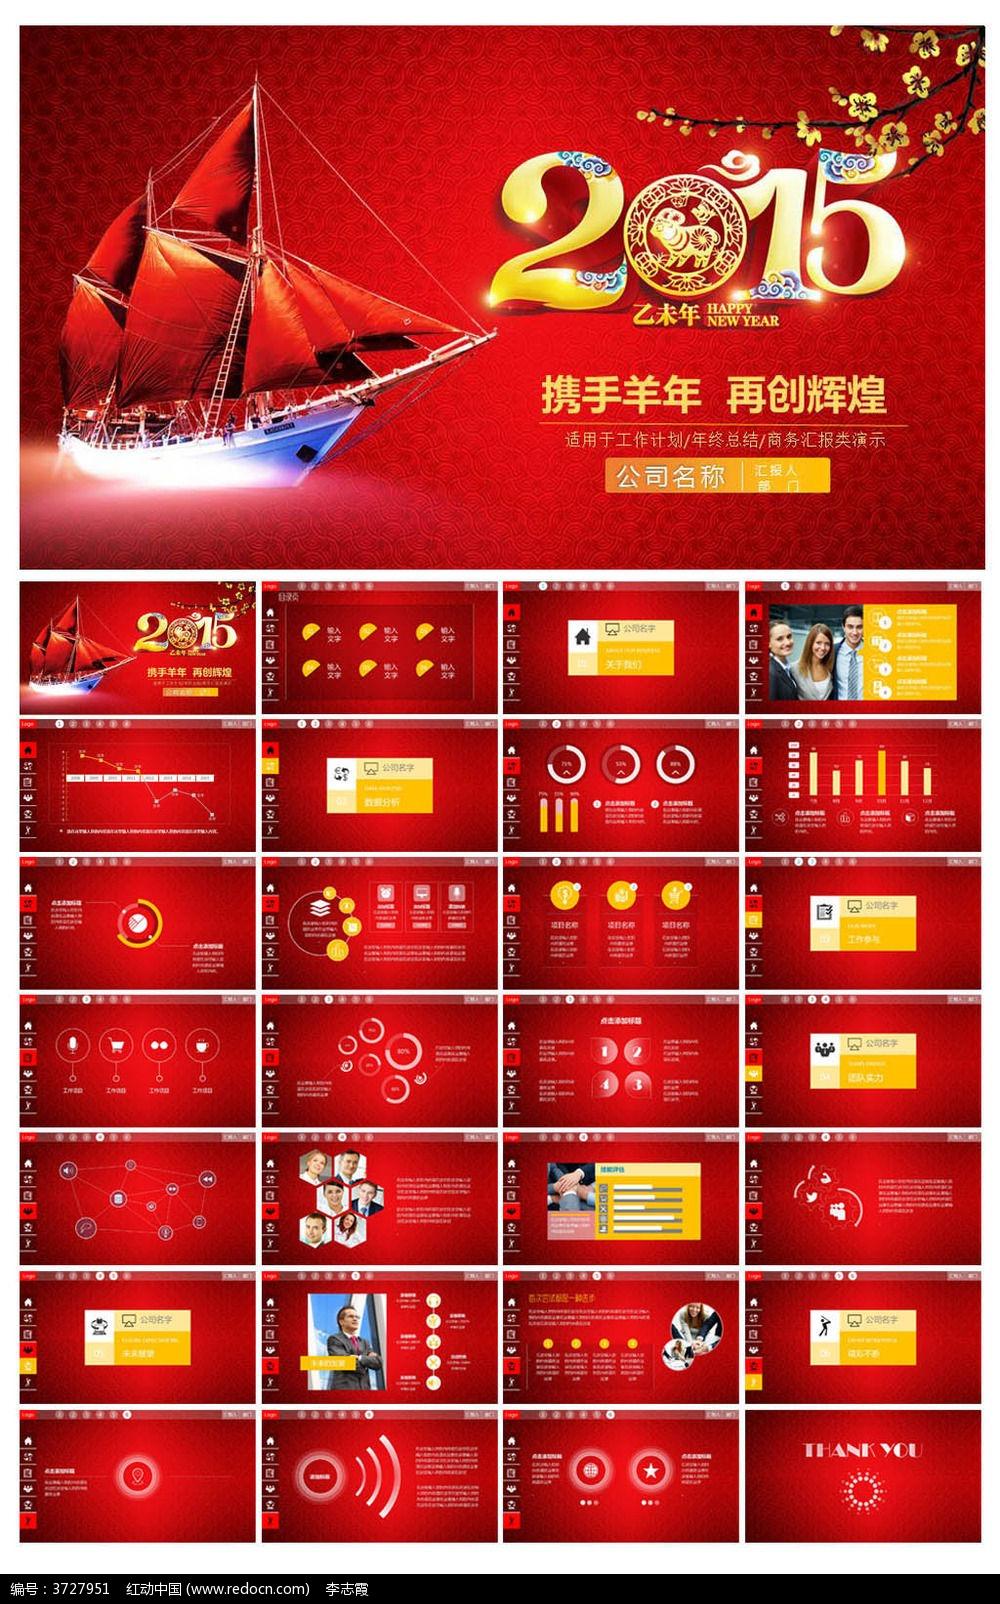 红色大气 2015年会 总结 动态 ppt模板 ppt模板